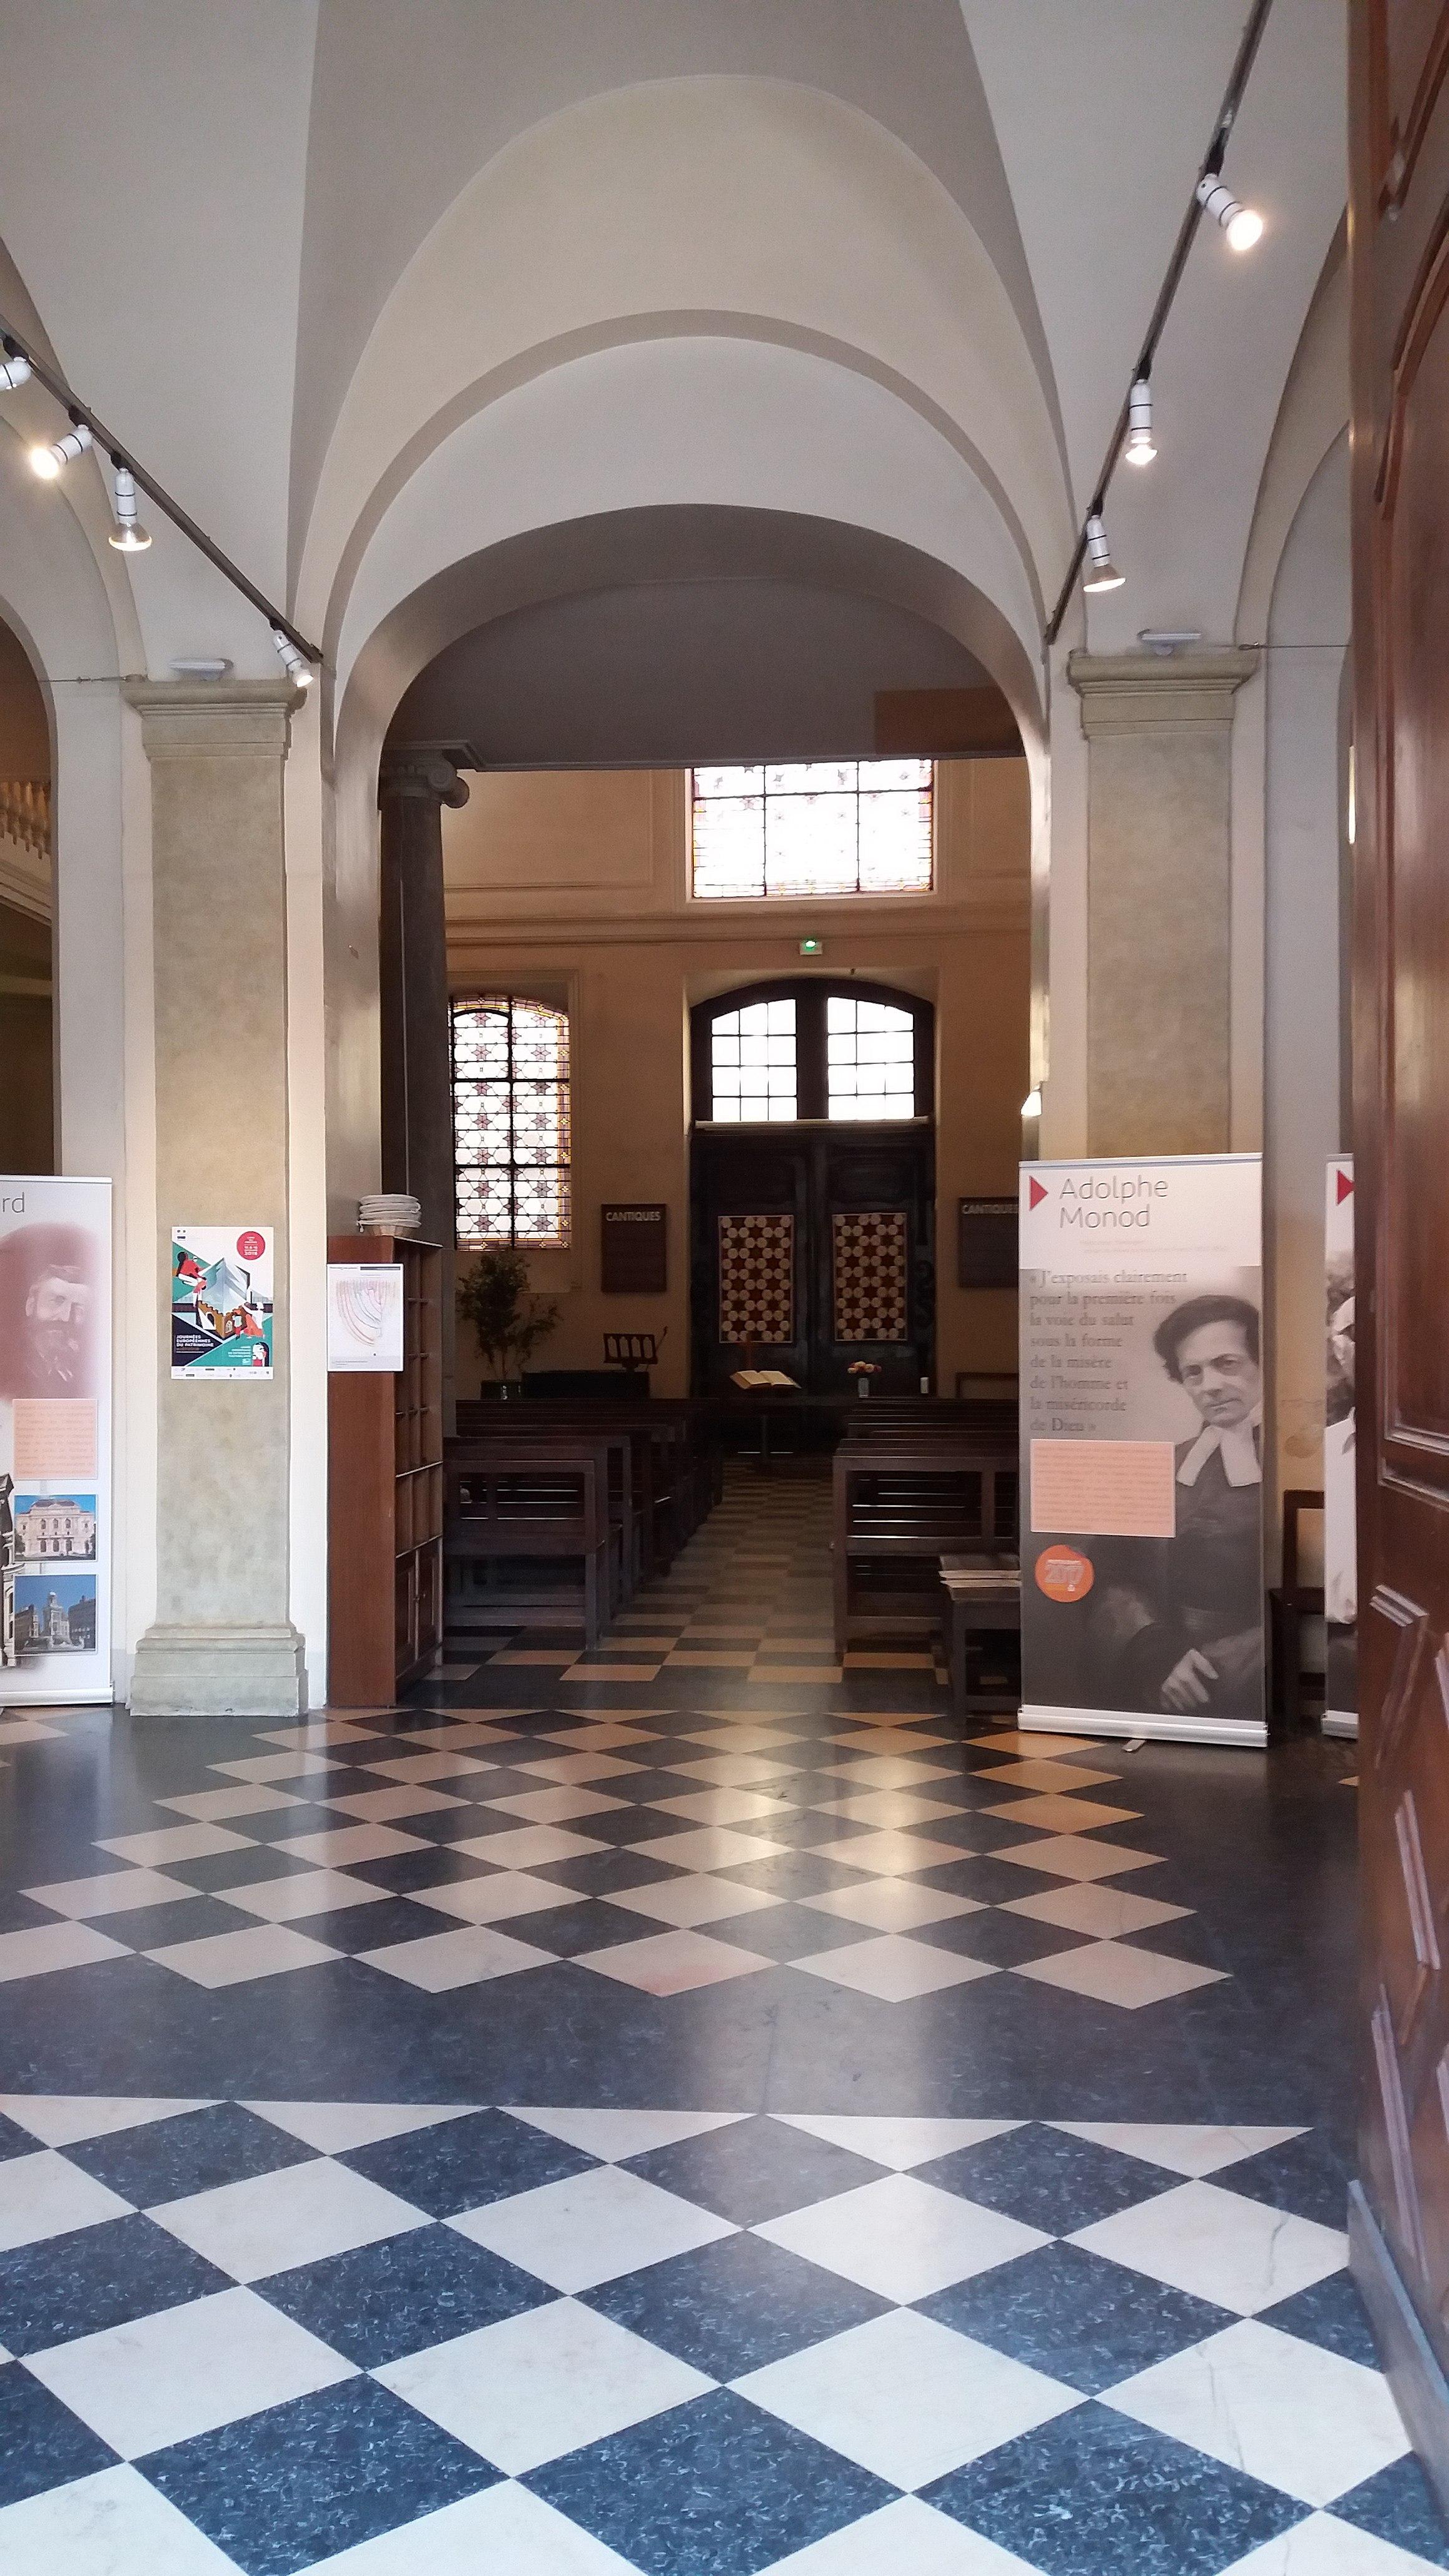 File:Temple du Change - Hall d\'entrée.jpg - Wikimedia Commons